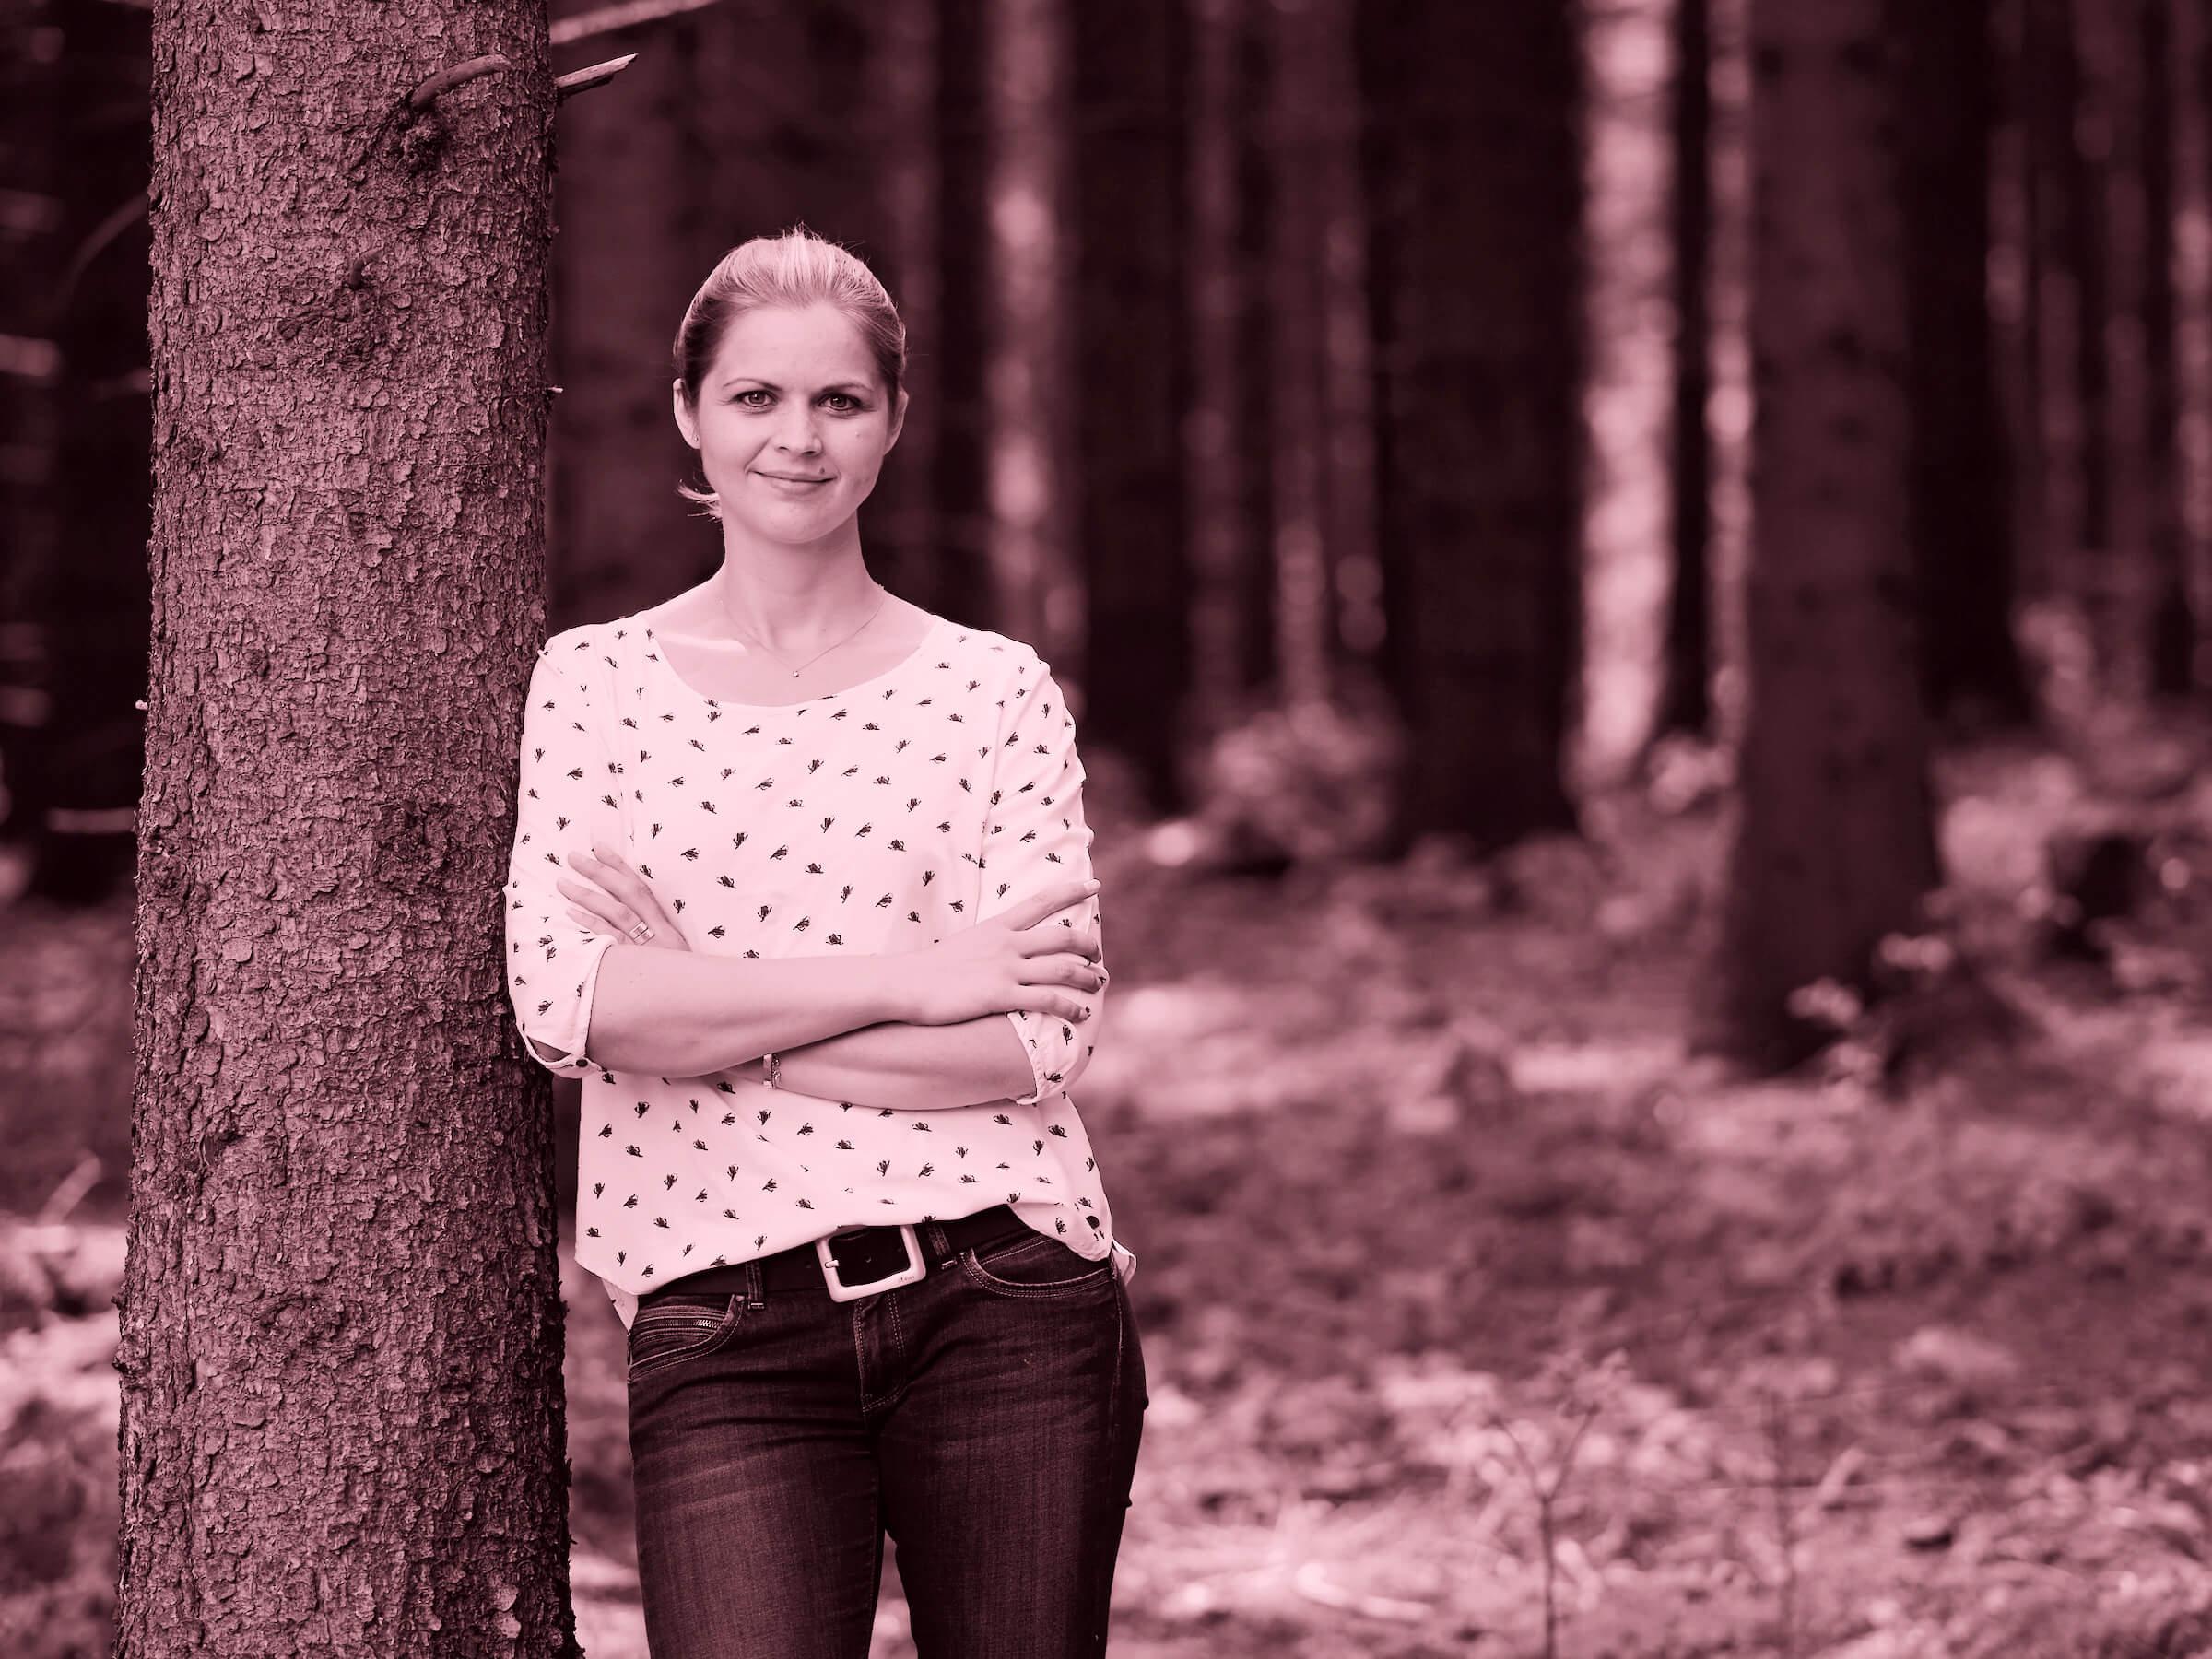 """Claudia Zinner: """"Ich möchte den unbeachteten Mehrwert und das Potential der Lanwirtschaft wieder greifbar machen."""""""